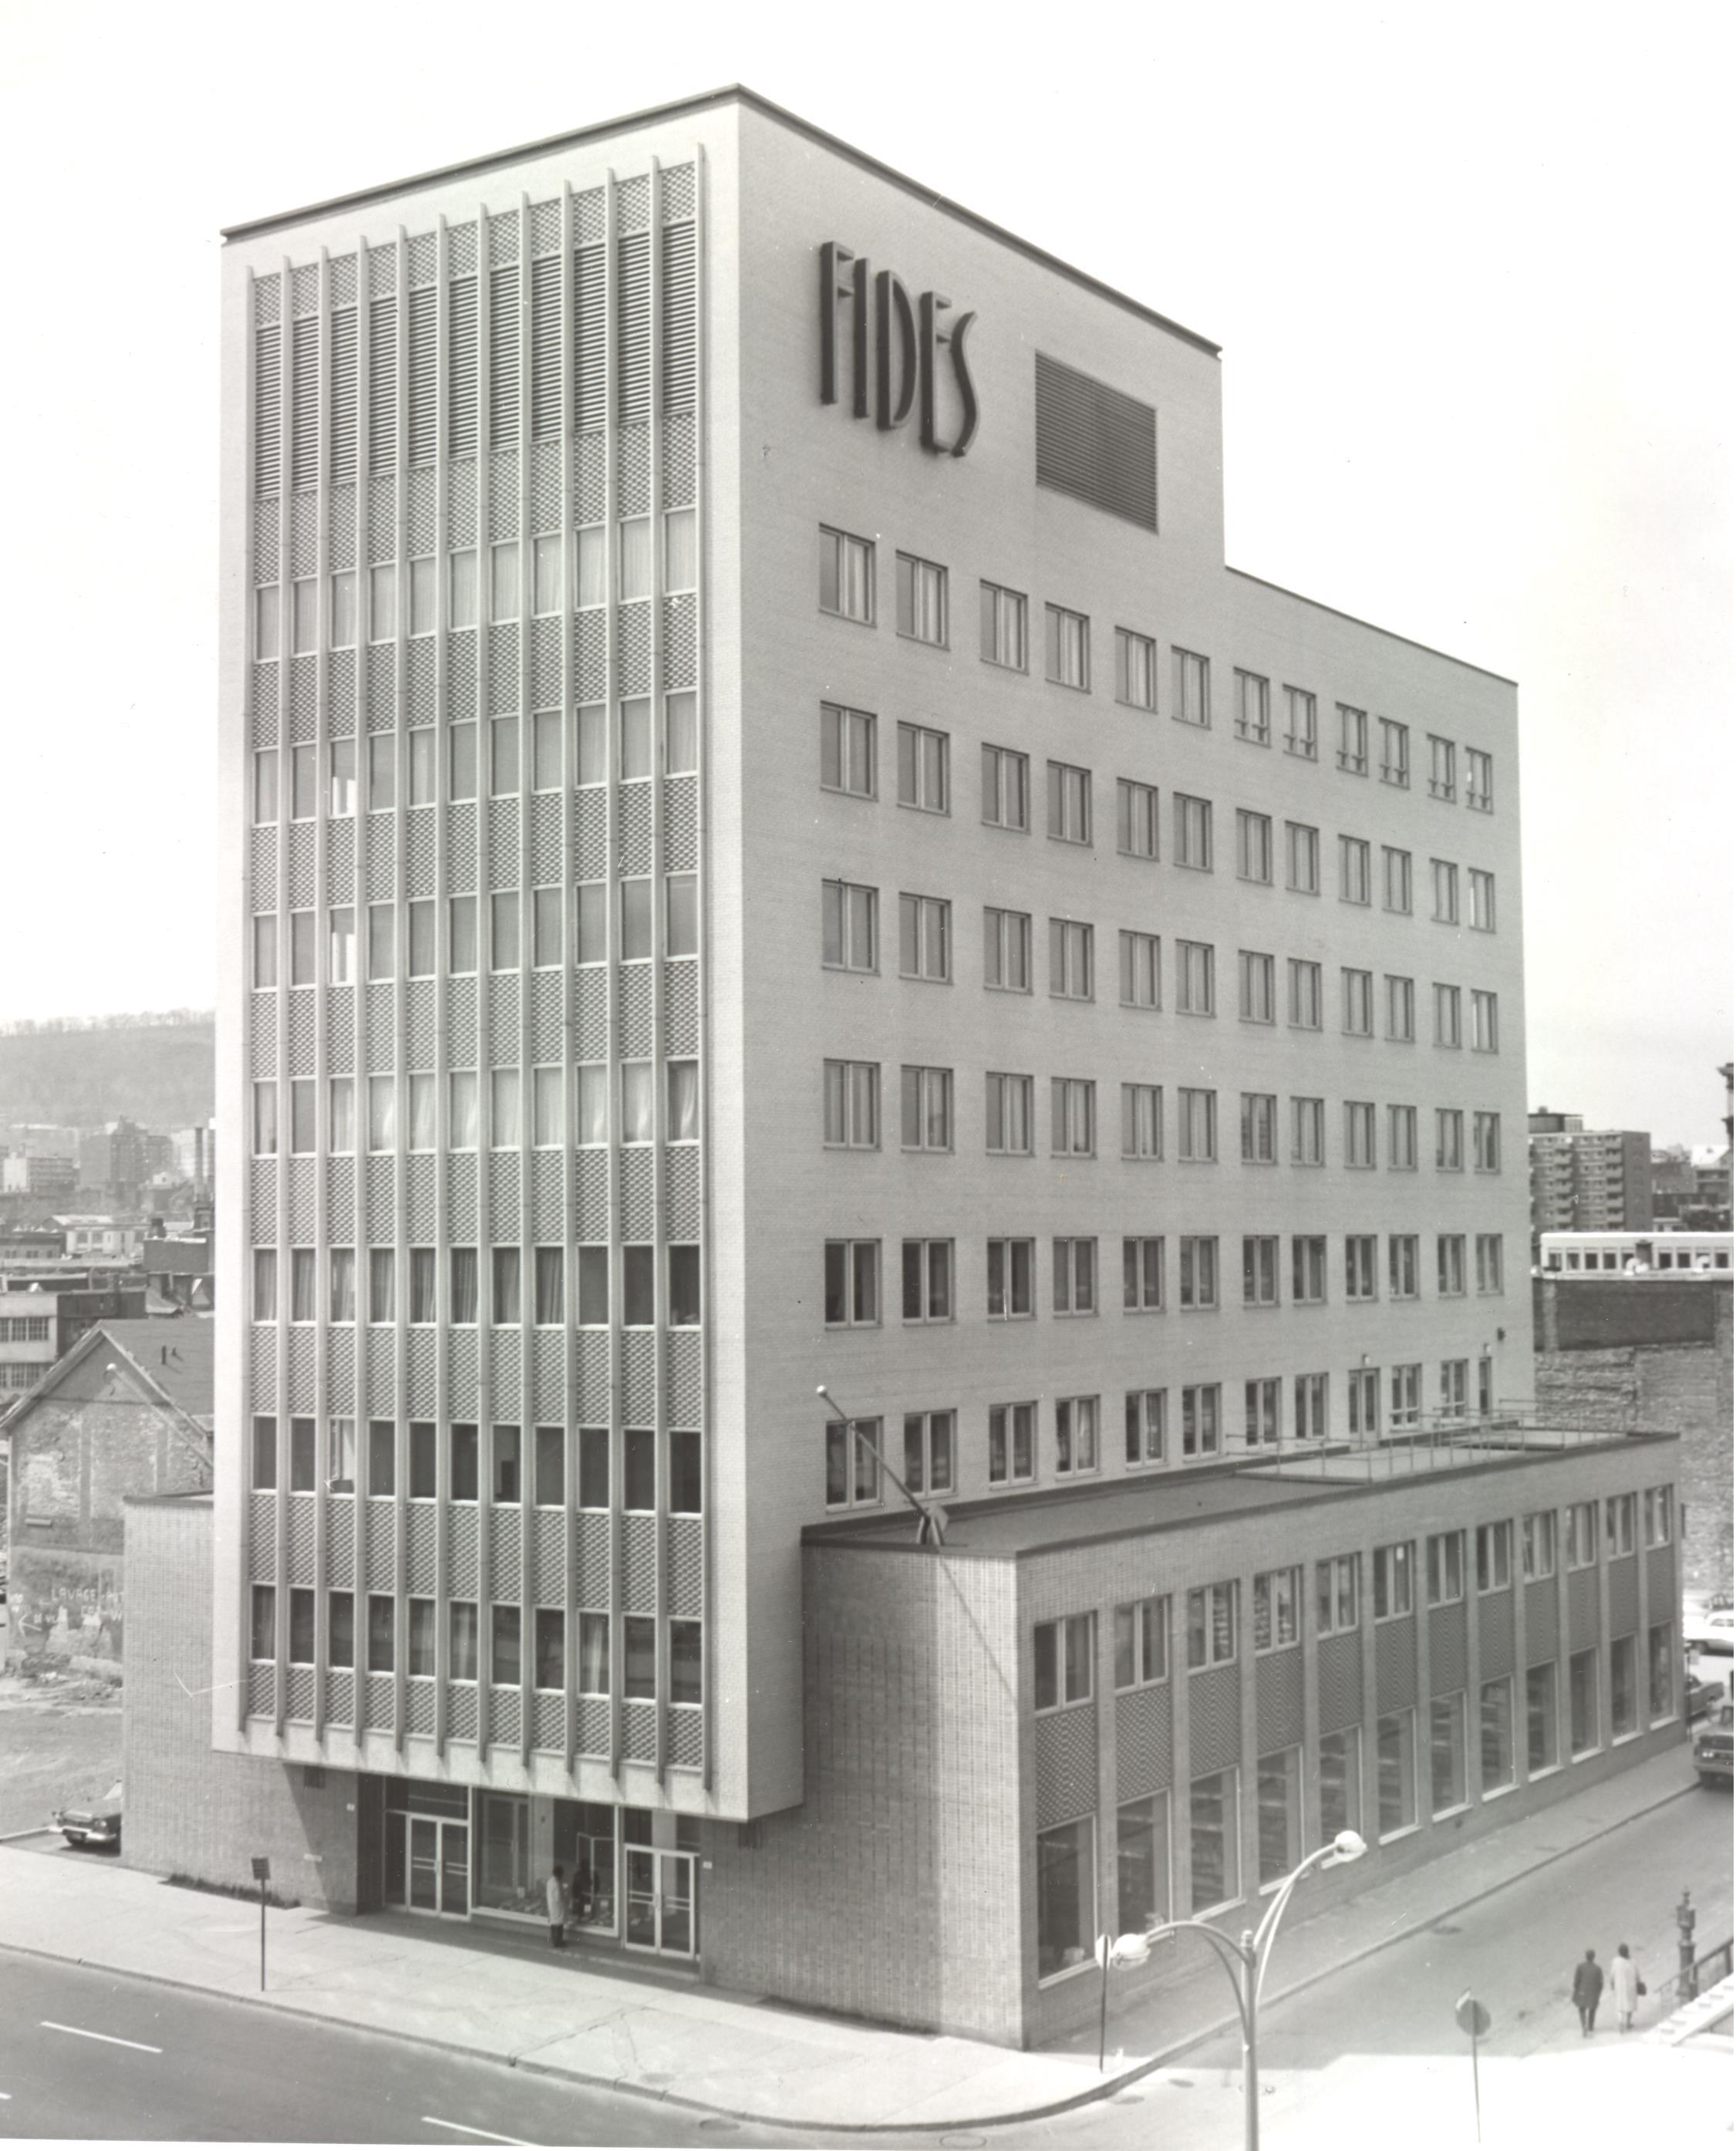 Immeuble Fides c1964